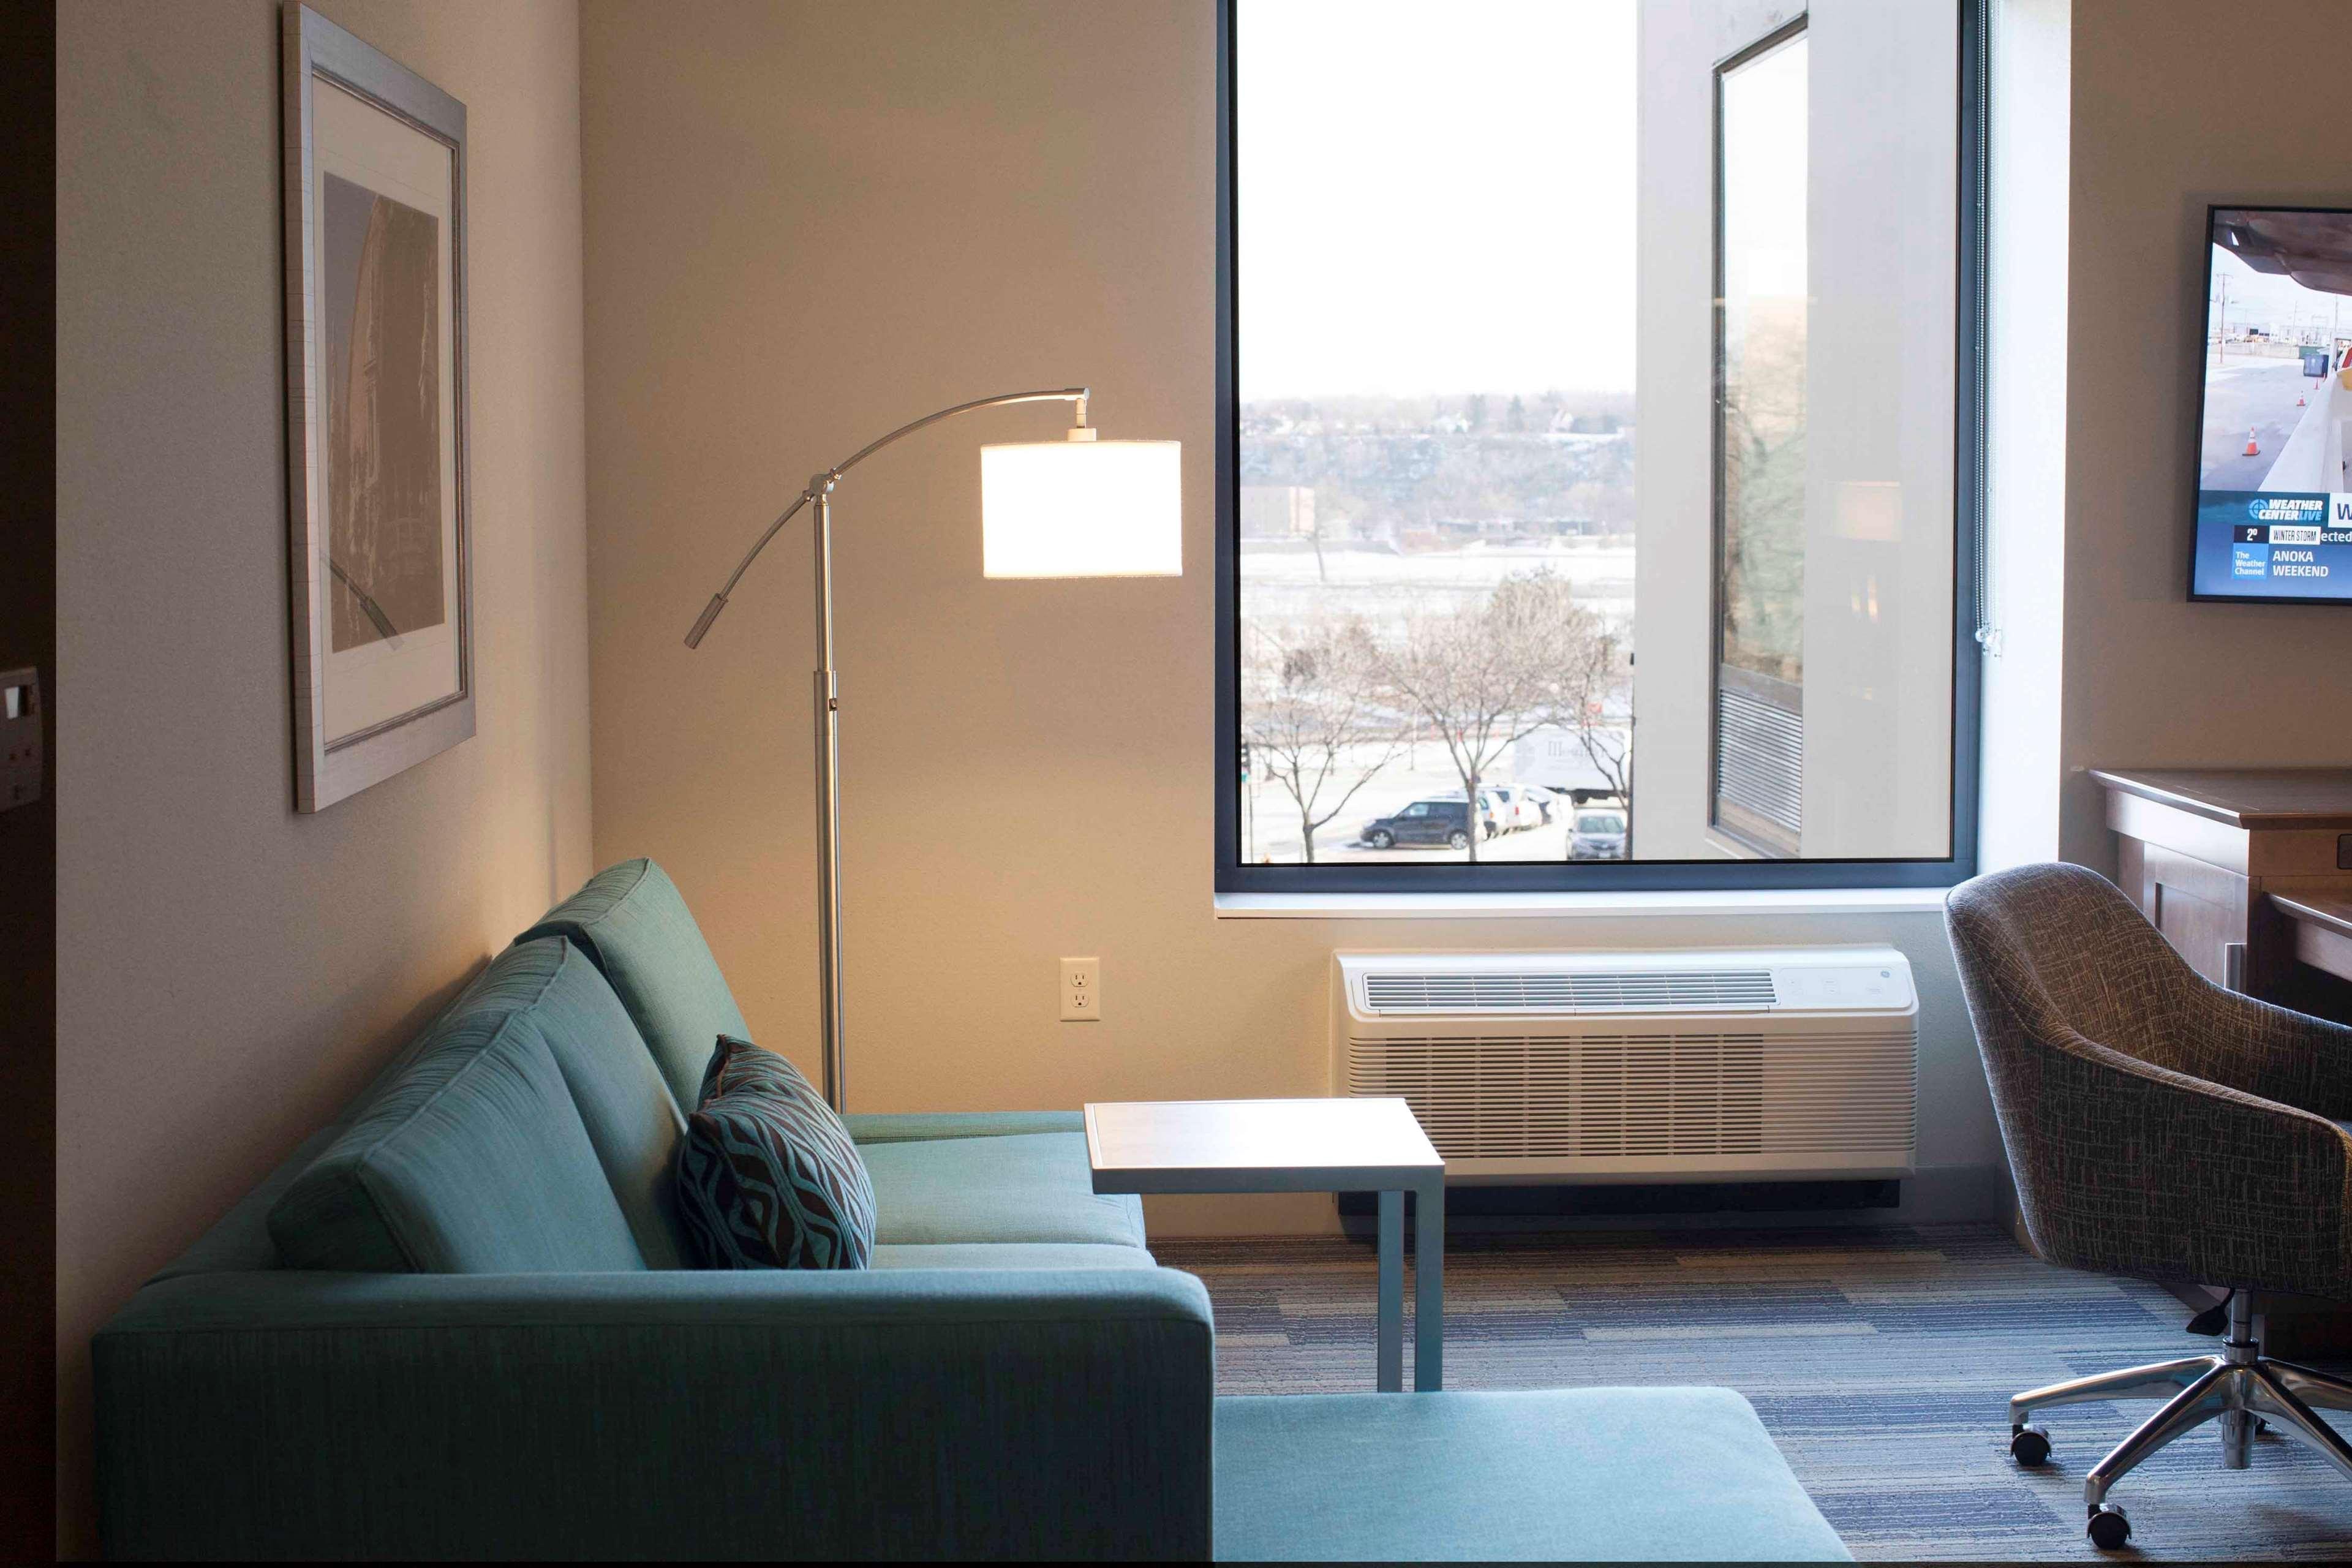 Hampton Inn & Suites Downtown St. Paul image 21